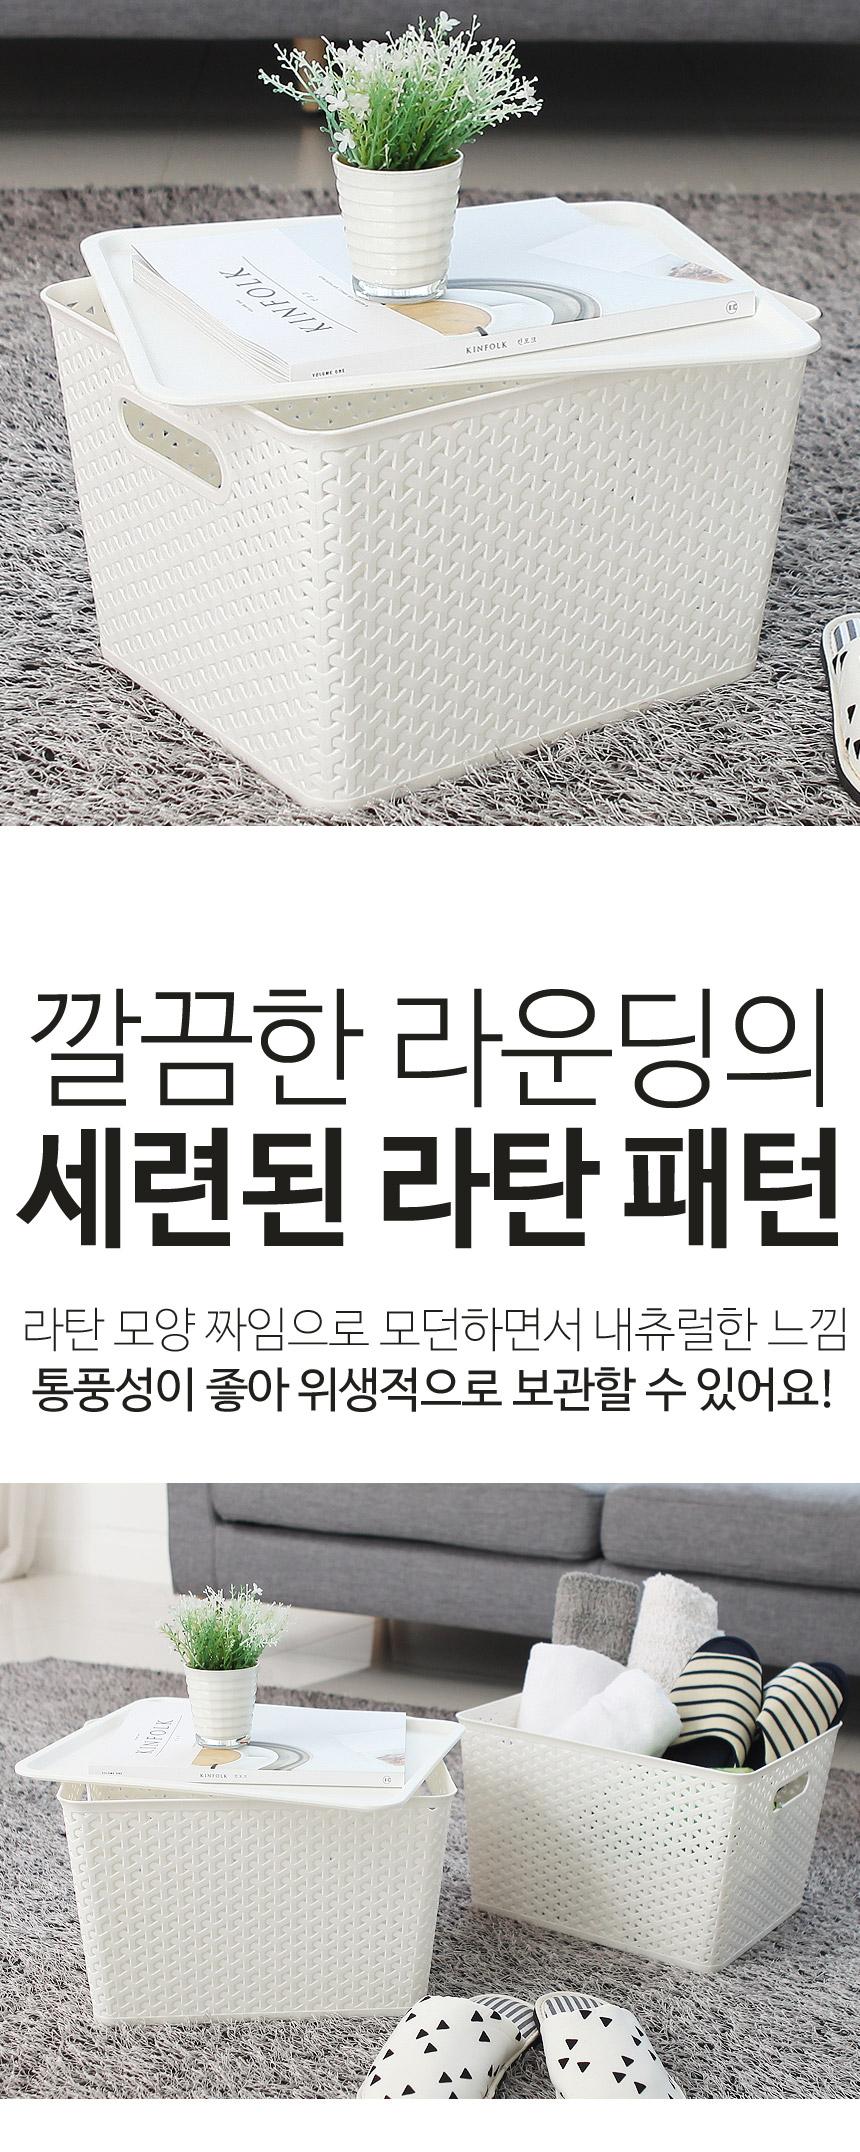 라탄 패턴 뚜껑바구니(대) - 더홈, 9,900원, 바구니, 플라스틱 바구니